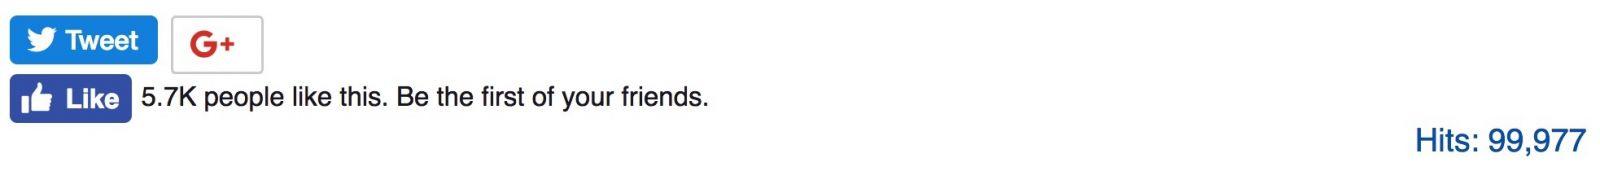 """Дэвид Уилкок. Космическое Раскрытие: """"Потрясающие новые брифинги: Массовые обвинения, целевые аресты и Раскрытие"""" 387_3"""